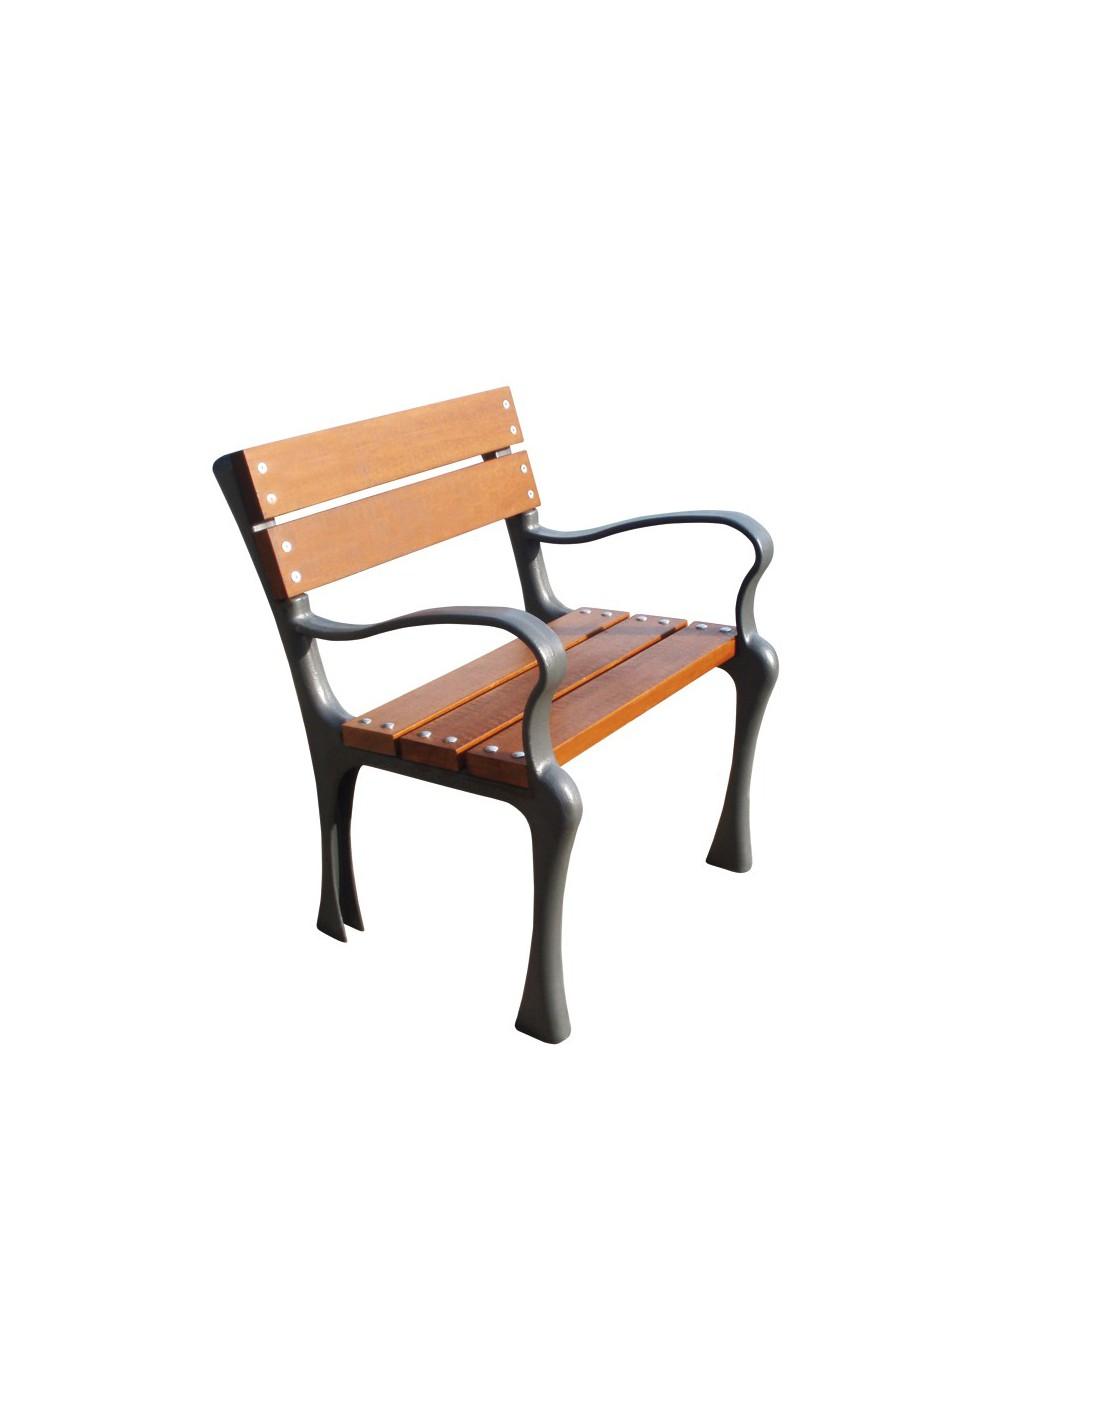 chaise arn a avec accoudoir m de long. Black Bedroom Furniture Sets. Home Design Ideas